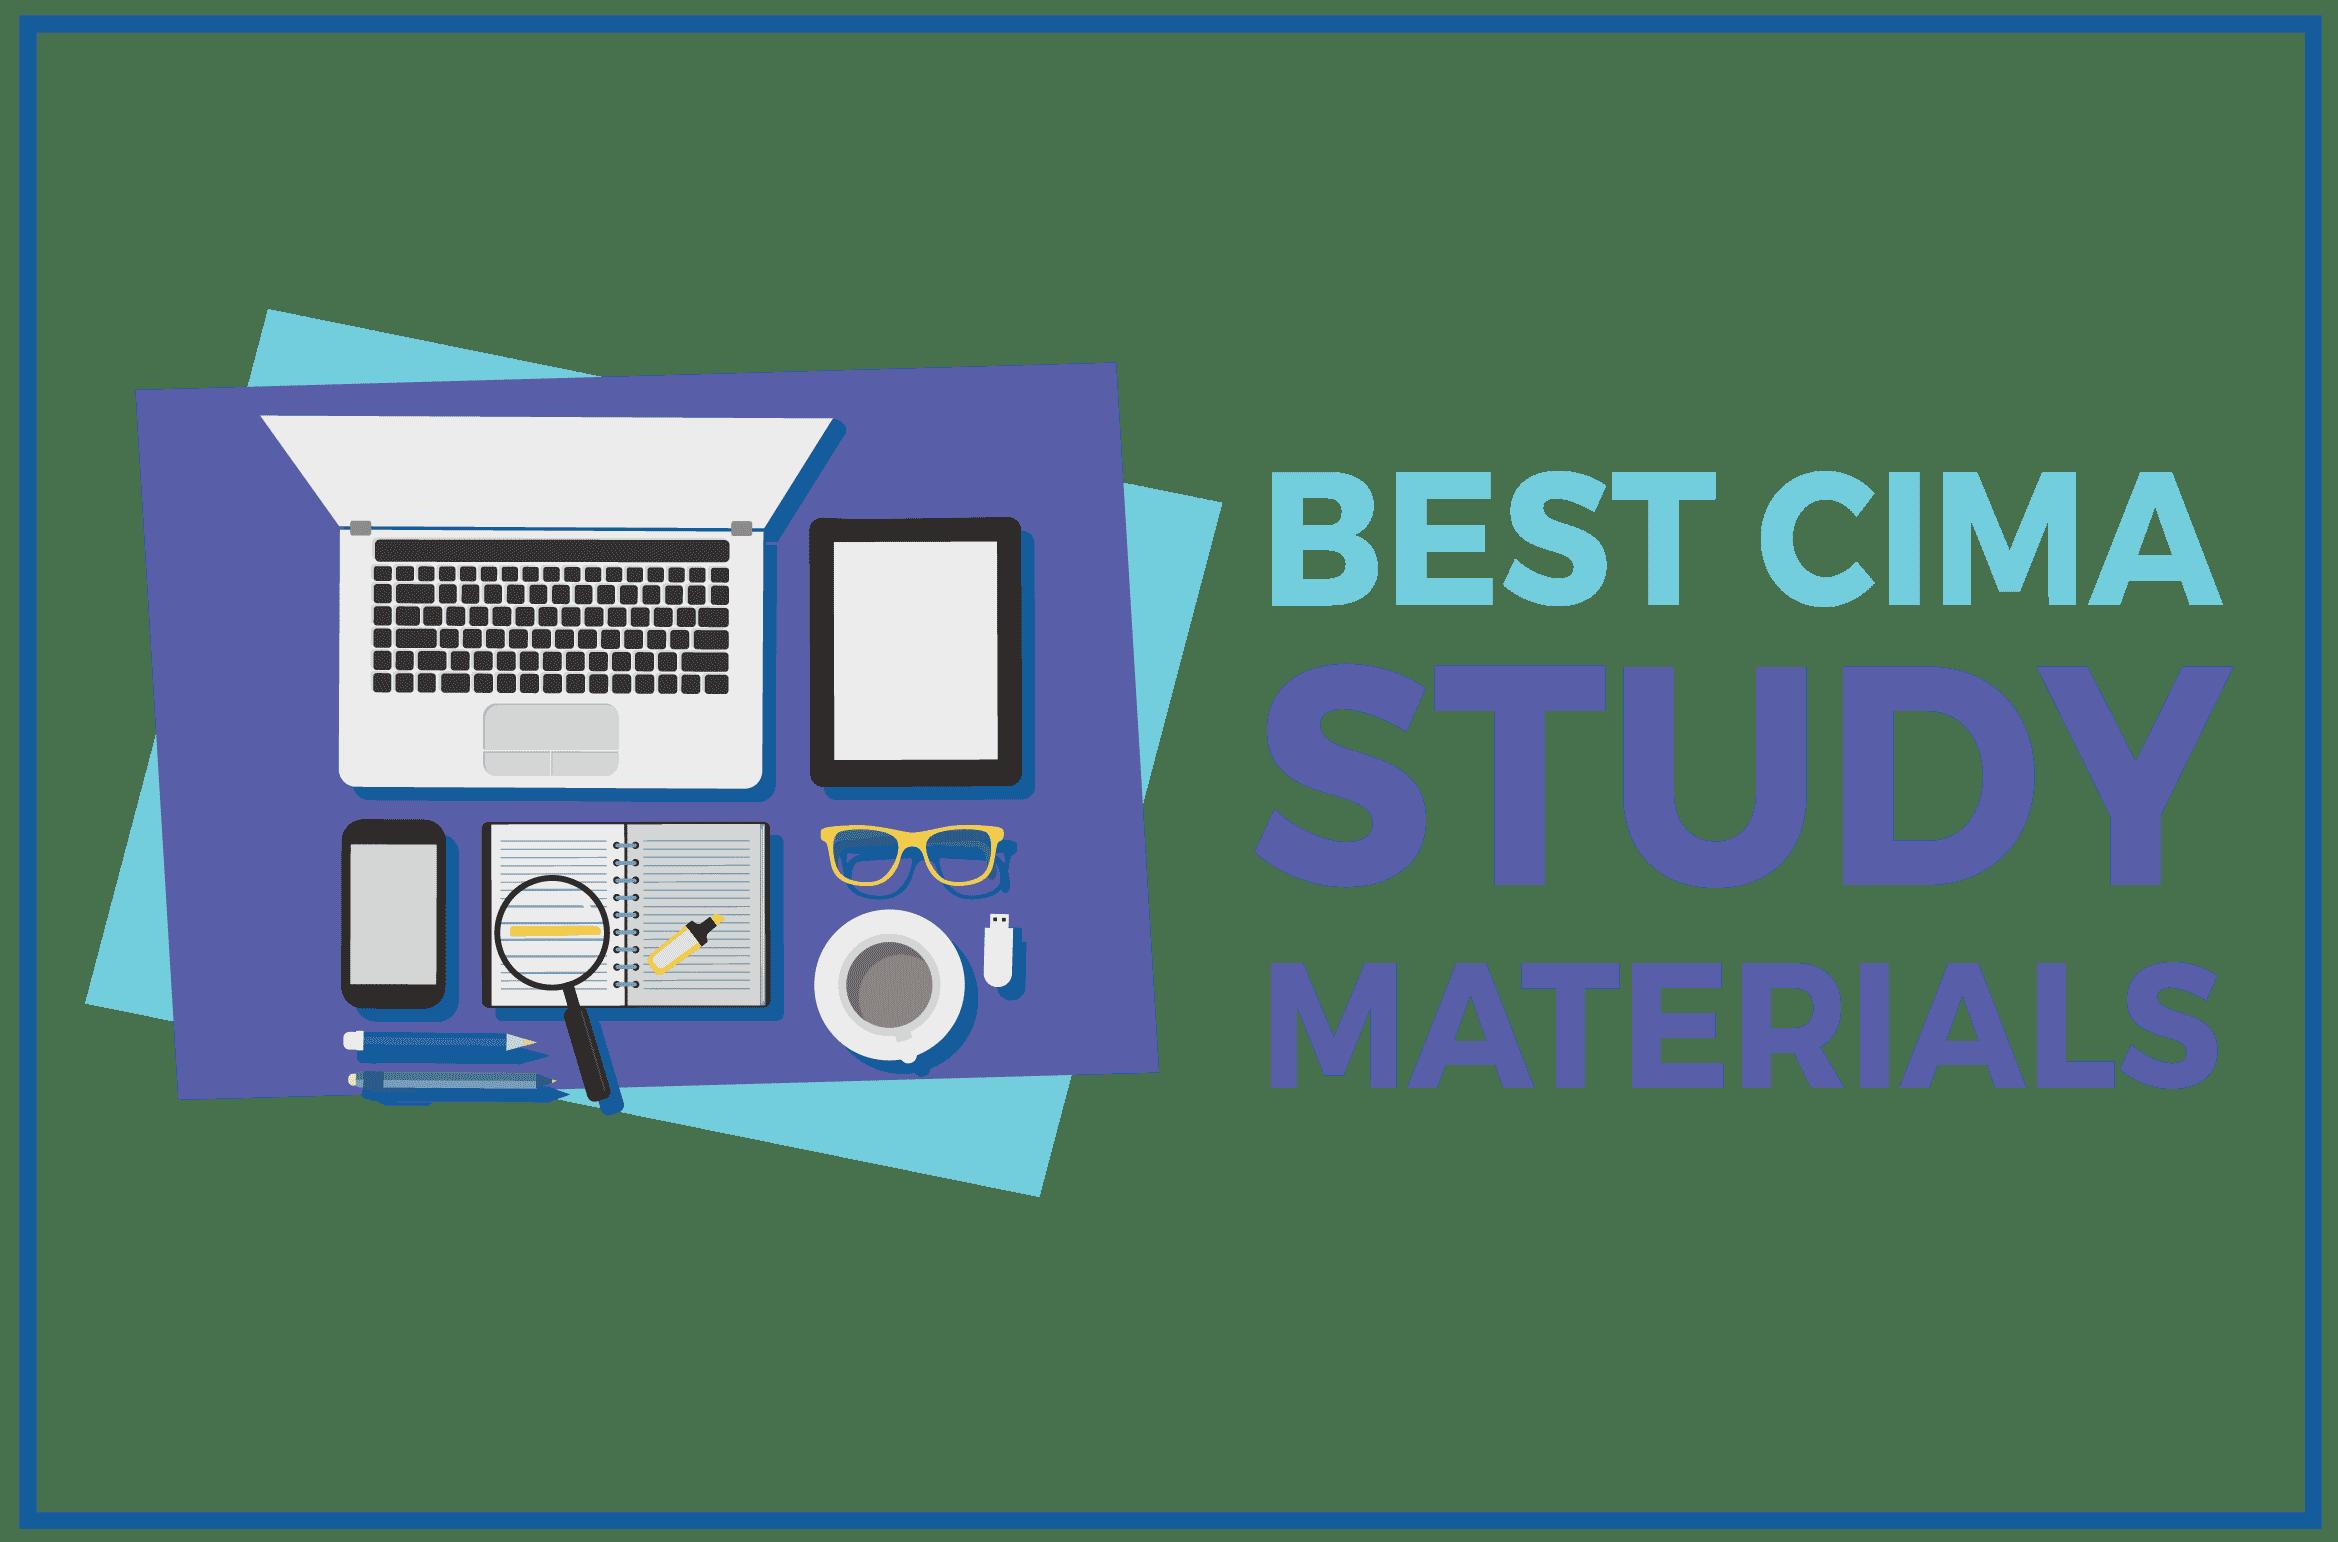 Best CIMA Study Materials